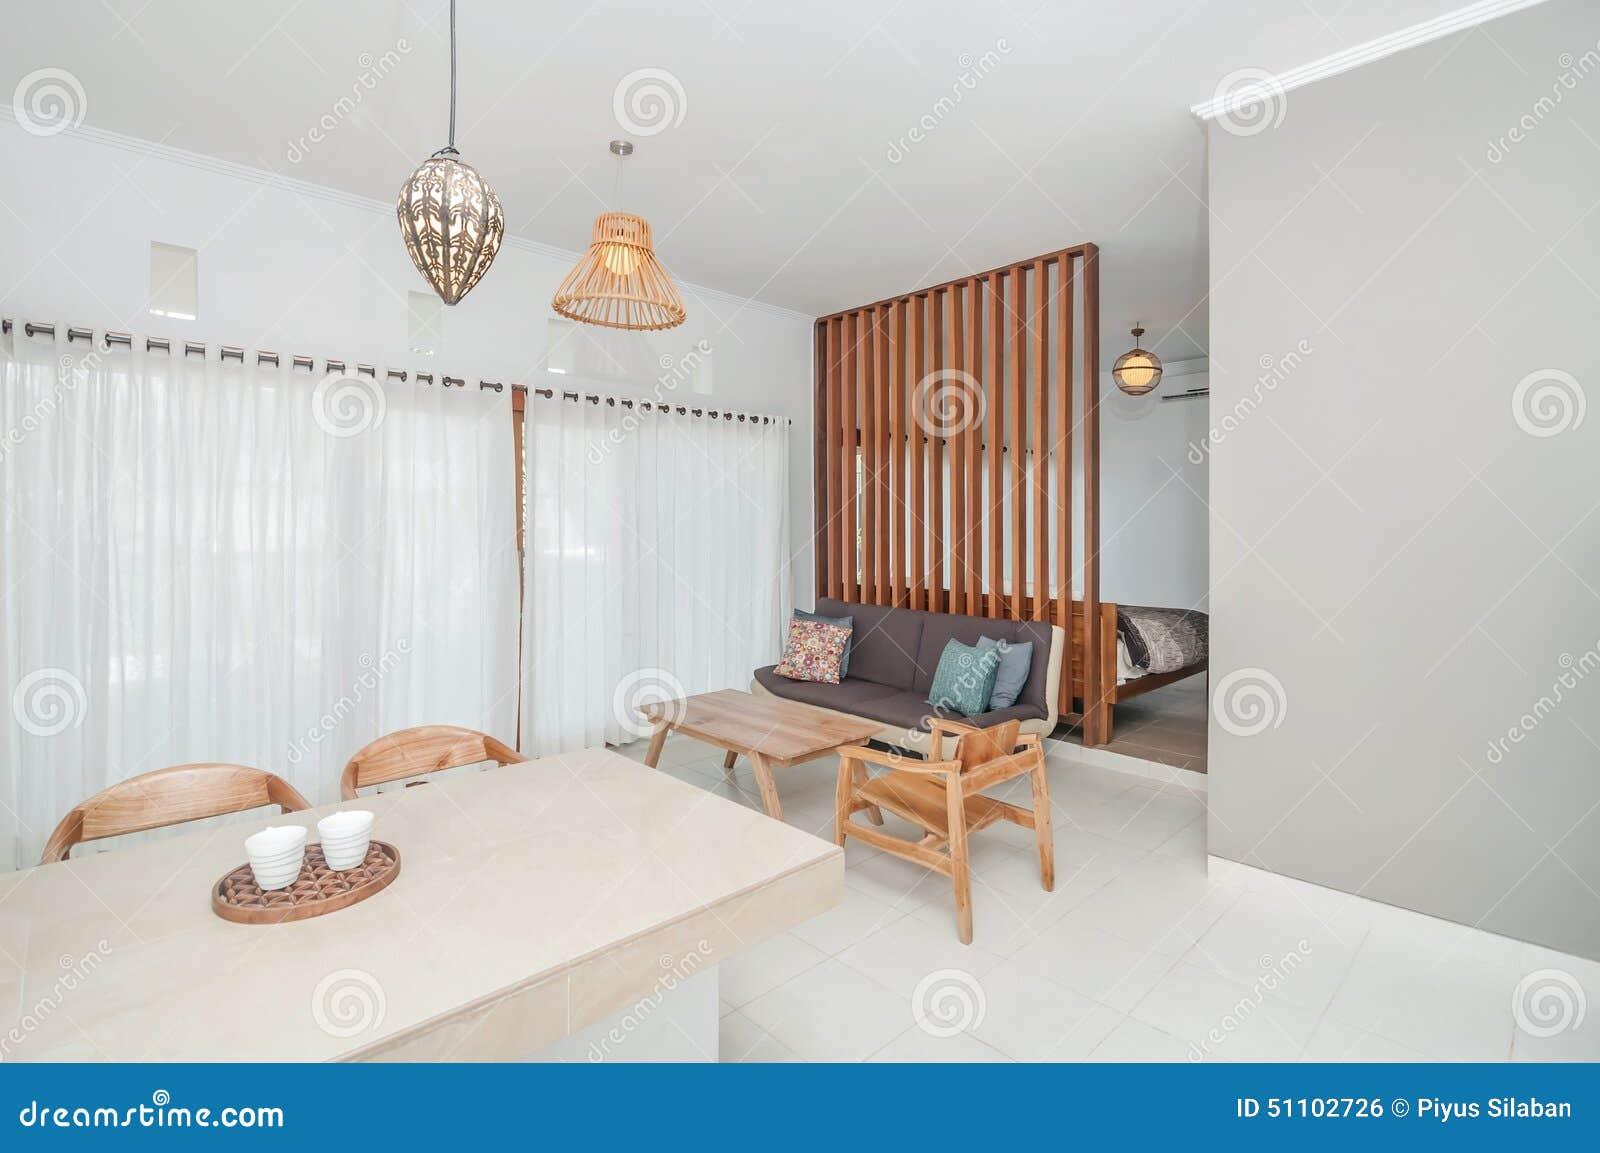 https://thumbs.dreamstime.com/z/schoon-woonkamer-en-slaapkamervilla-minimalistisch-ontwerp-51102726.jpg